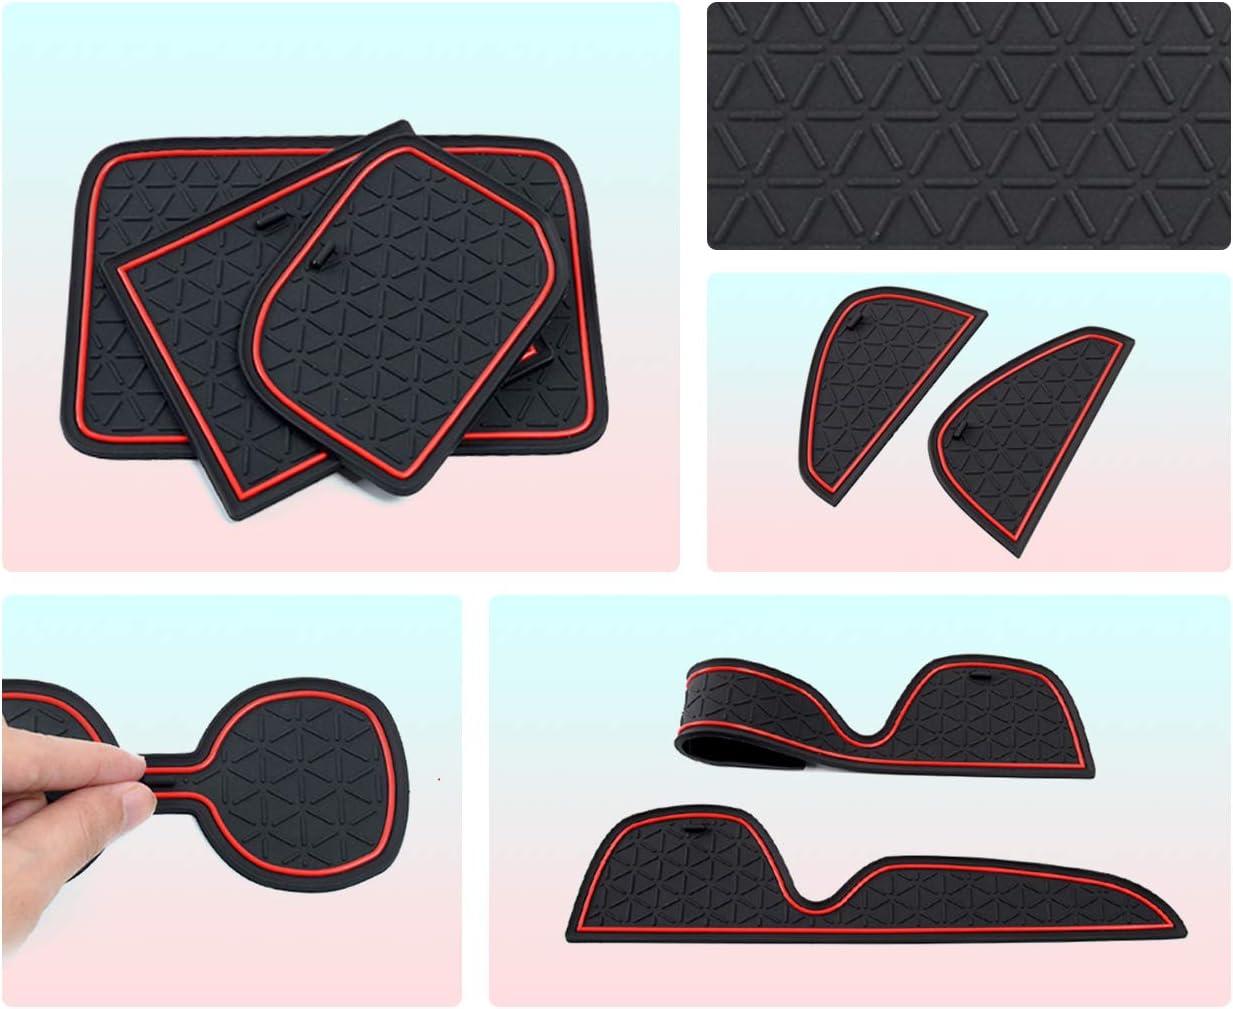 CDEFG pour RAV4 Accessoires Coupe Porte Int/érieure Tasse Bo/îte de Bras Tapis de Stockage Auto Tapis Anti-poussi/ère Antid/érapante RAV4 MK5 2019 Tapis Noir